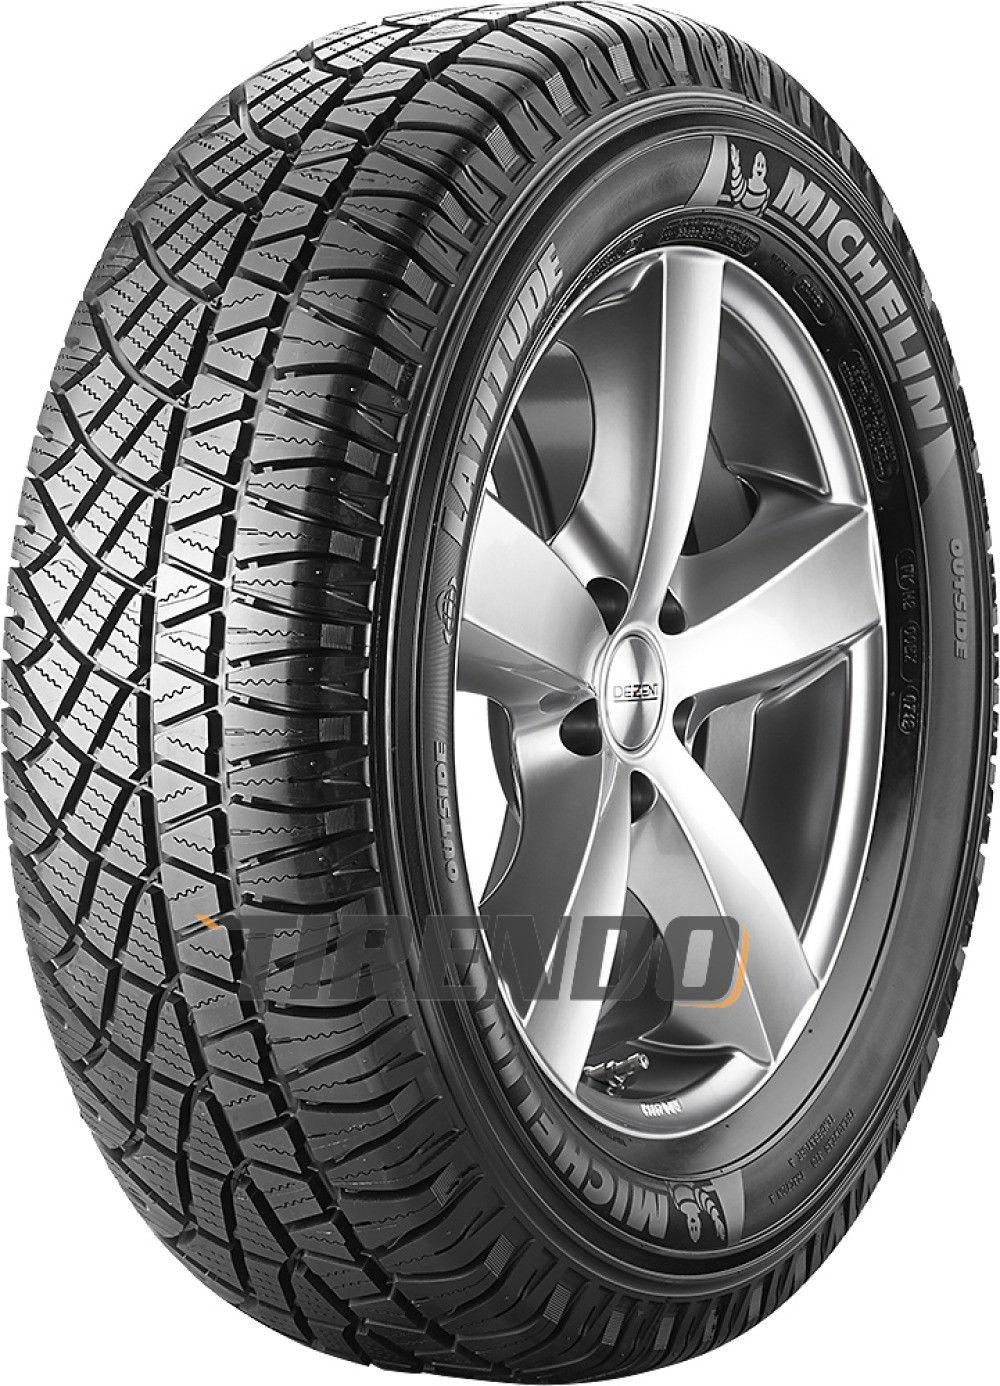 Michelin Latitude Cross 285/45R21 113 W XL MO1